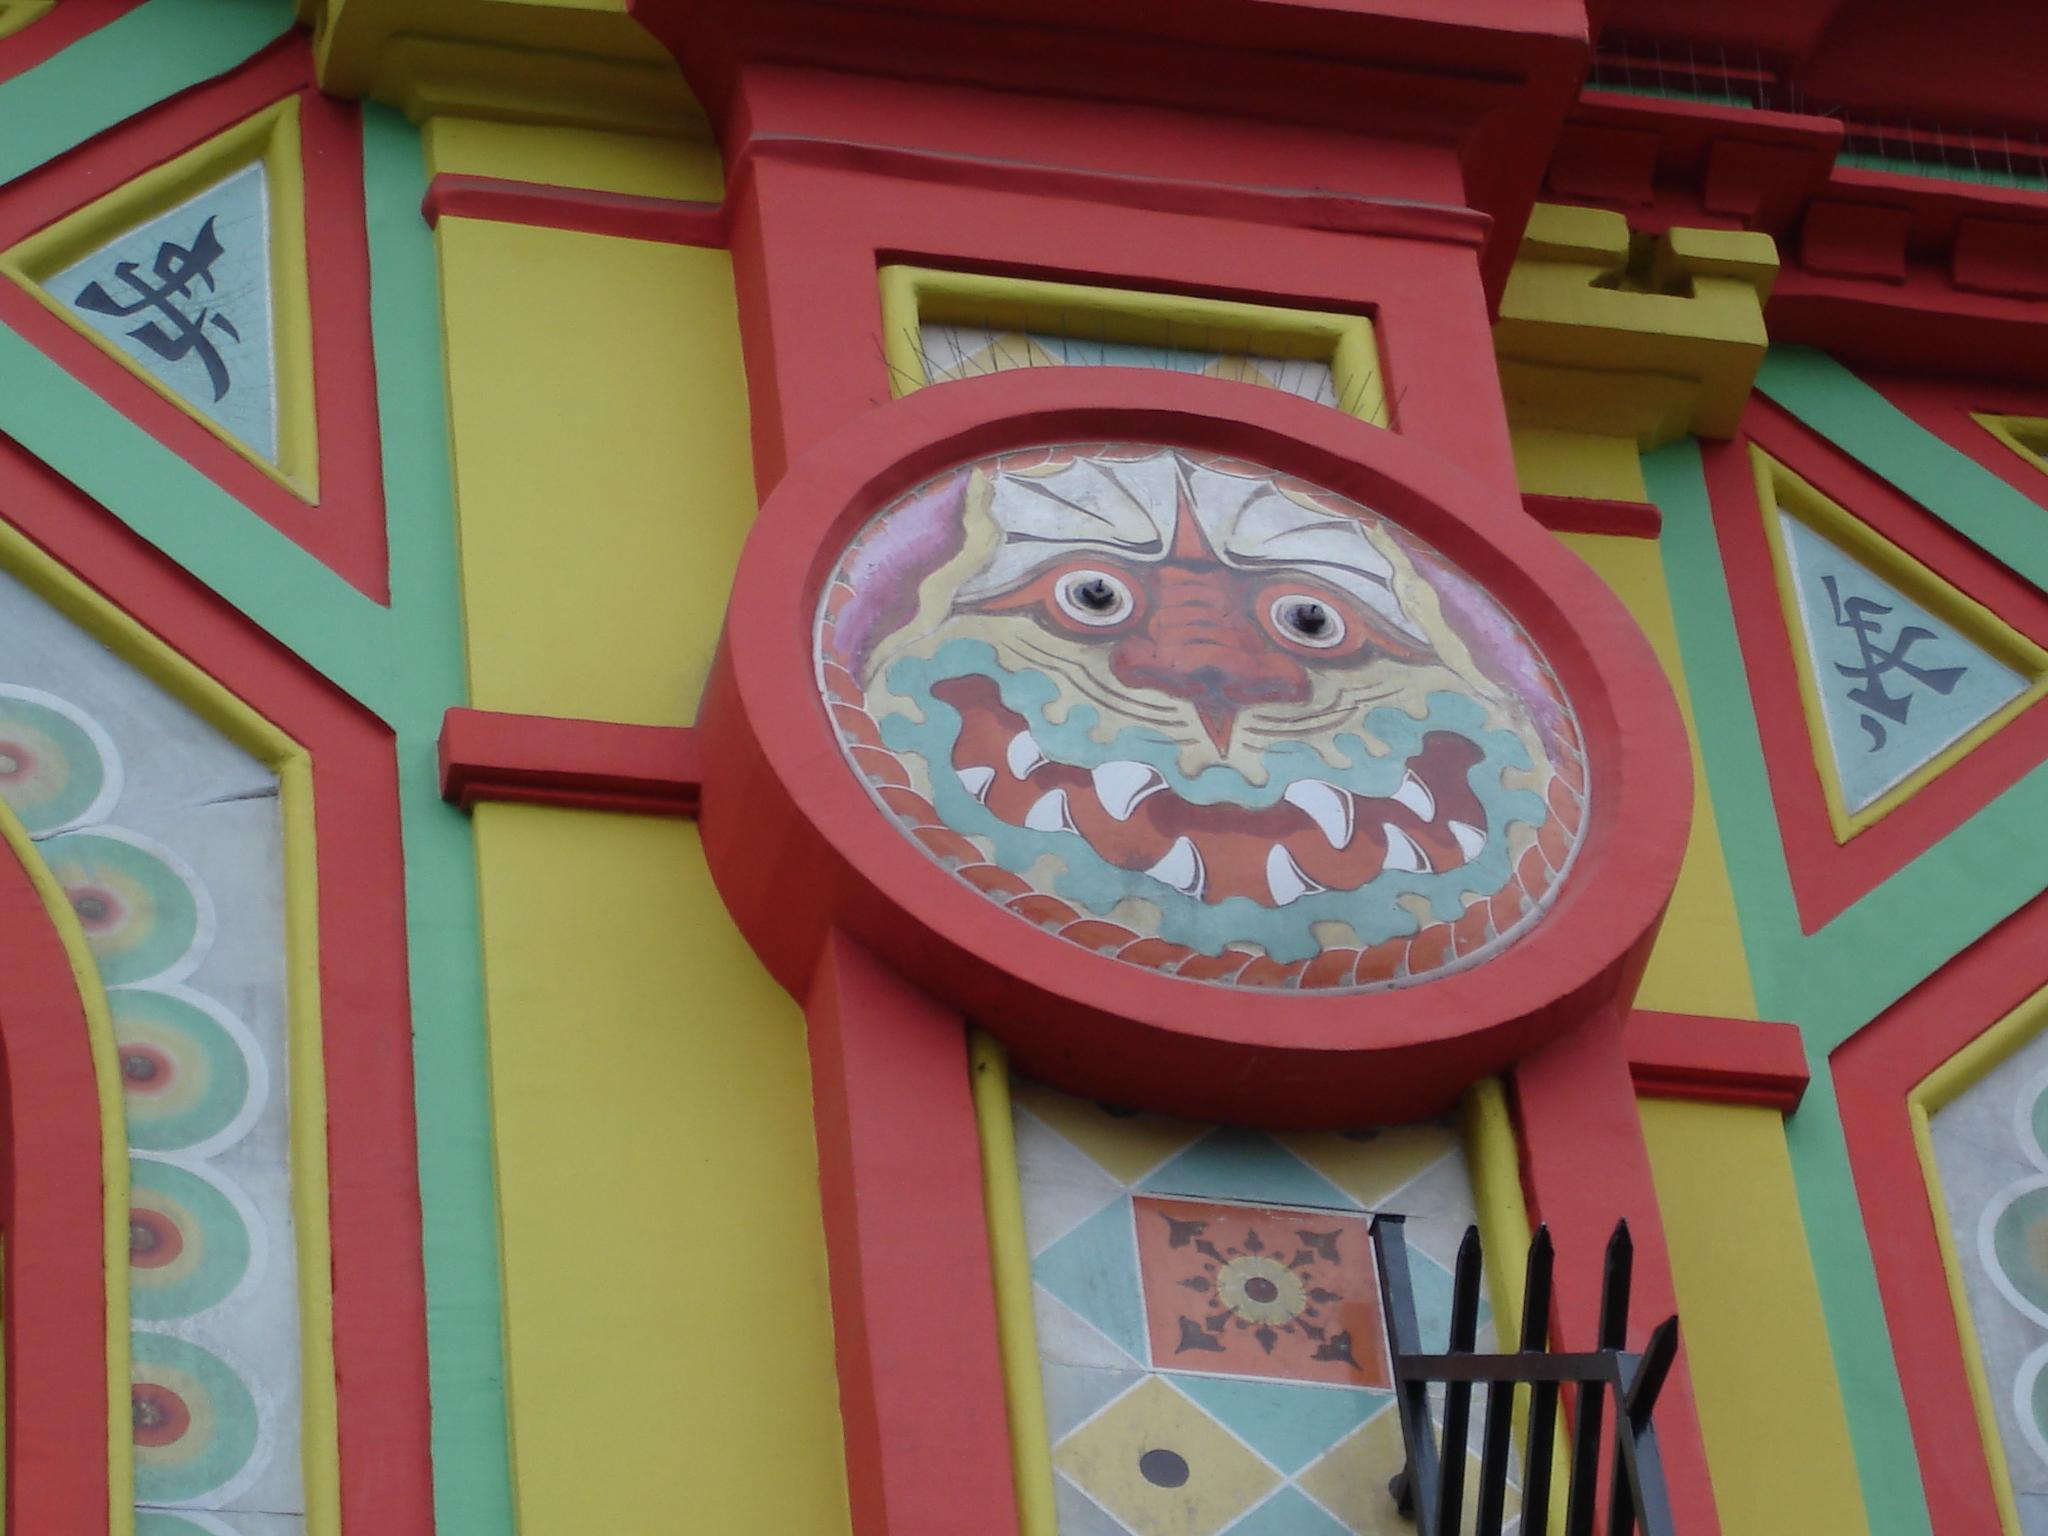 Pormenor da fachada da sala de espetáculos Bataclan, em Paris